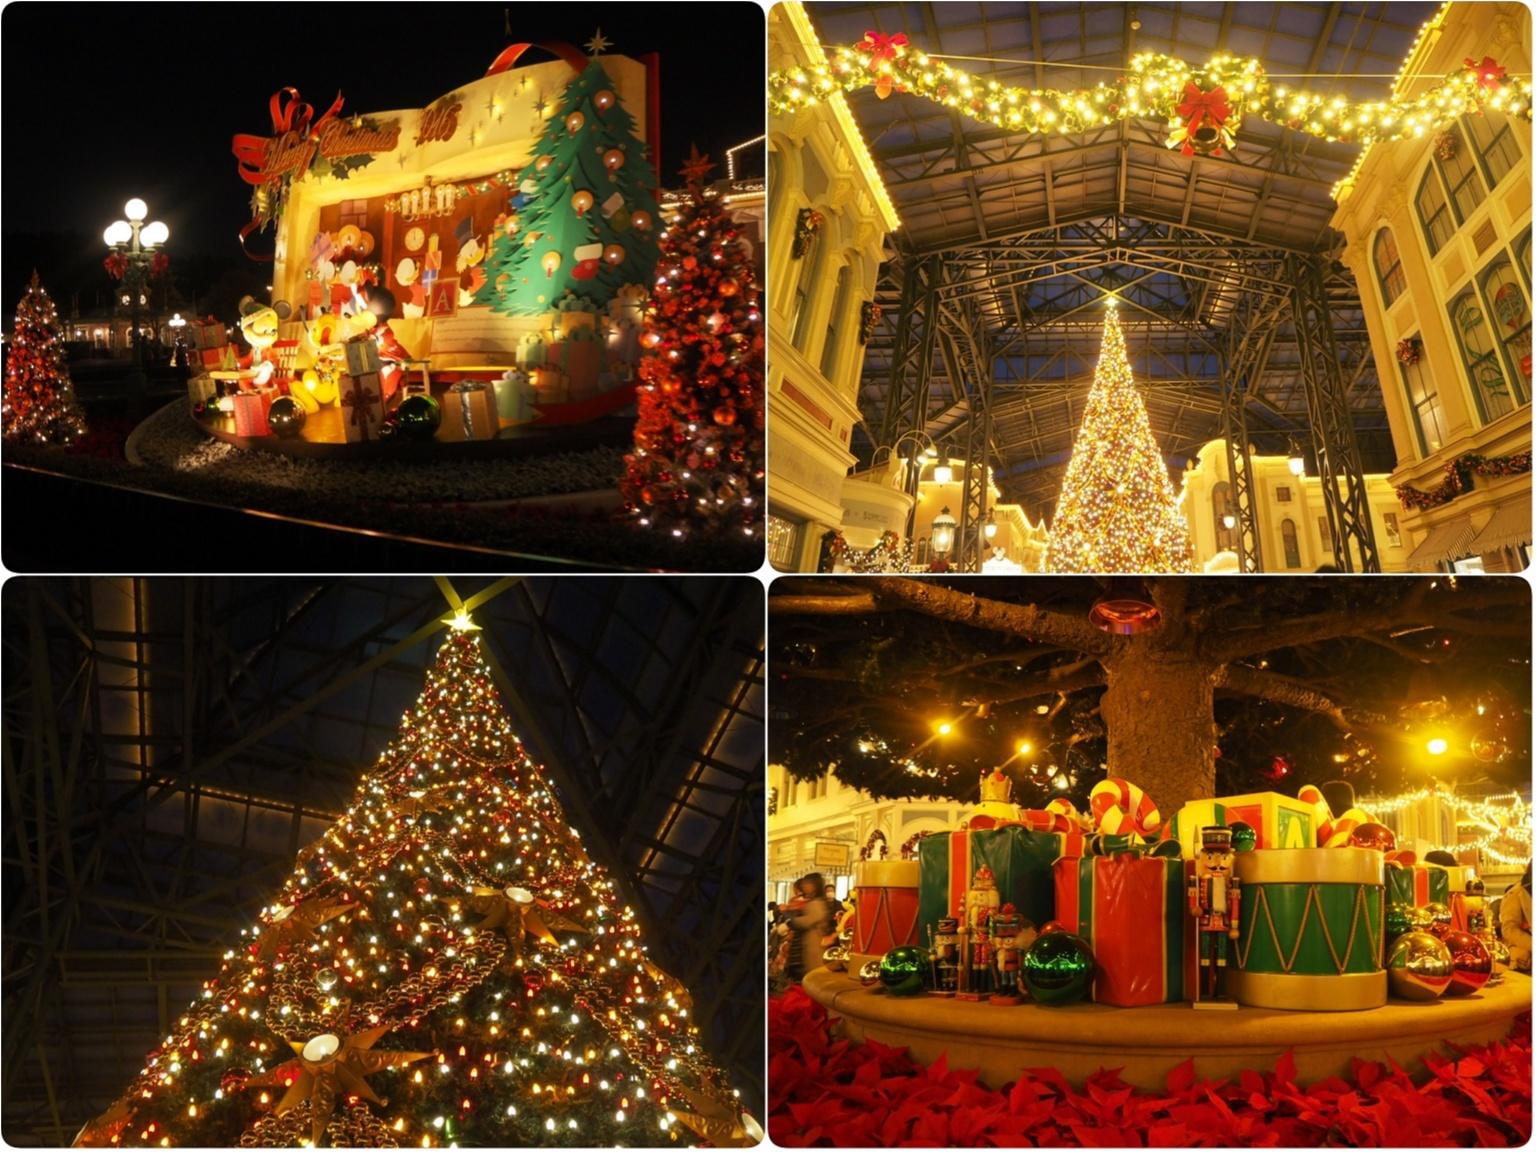 ディズニーランドクリスマスシーズン到来♪ー今の時期食べたいクリスマスグルメからお土産までー_5